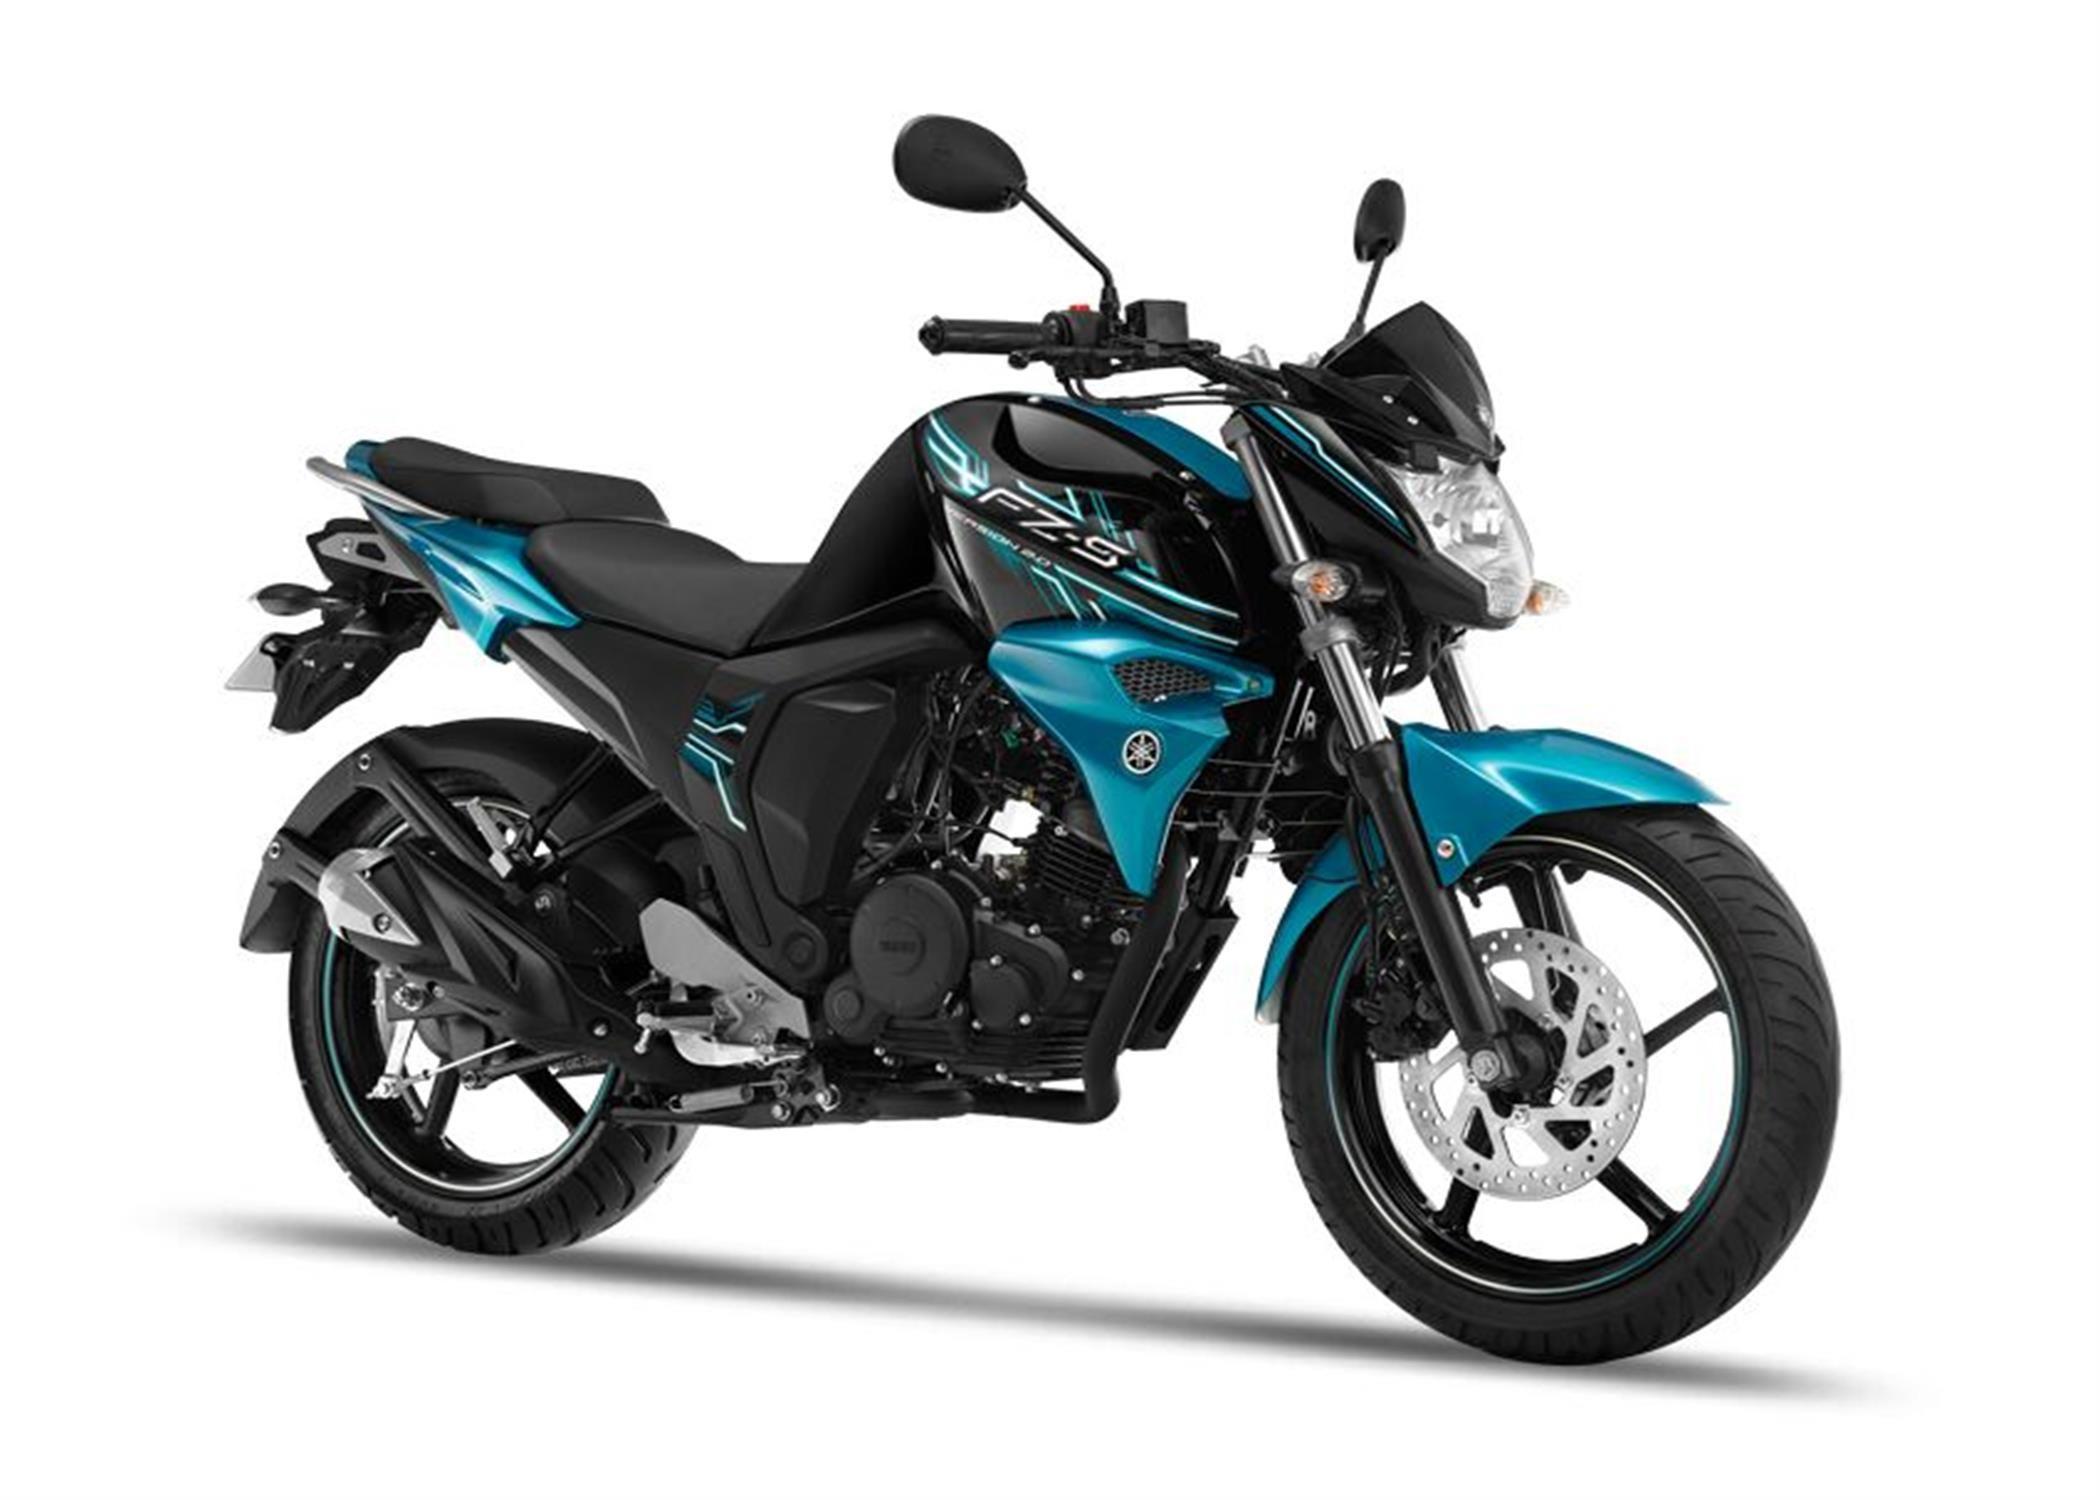 Yamaha motorcycle gloves india - Yamaha Fz S Fi Overview Yamaha Fz S Fi Price Yamaha Fz S Fi